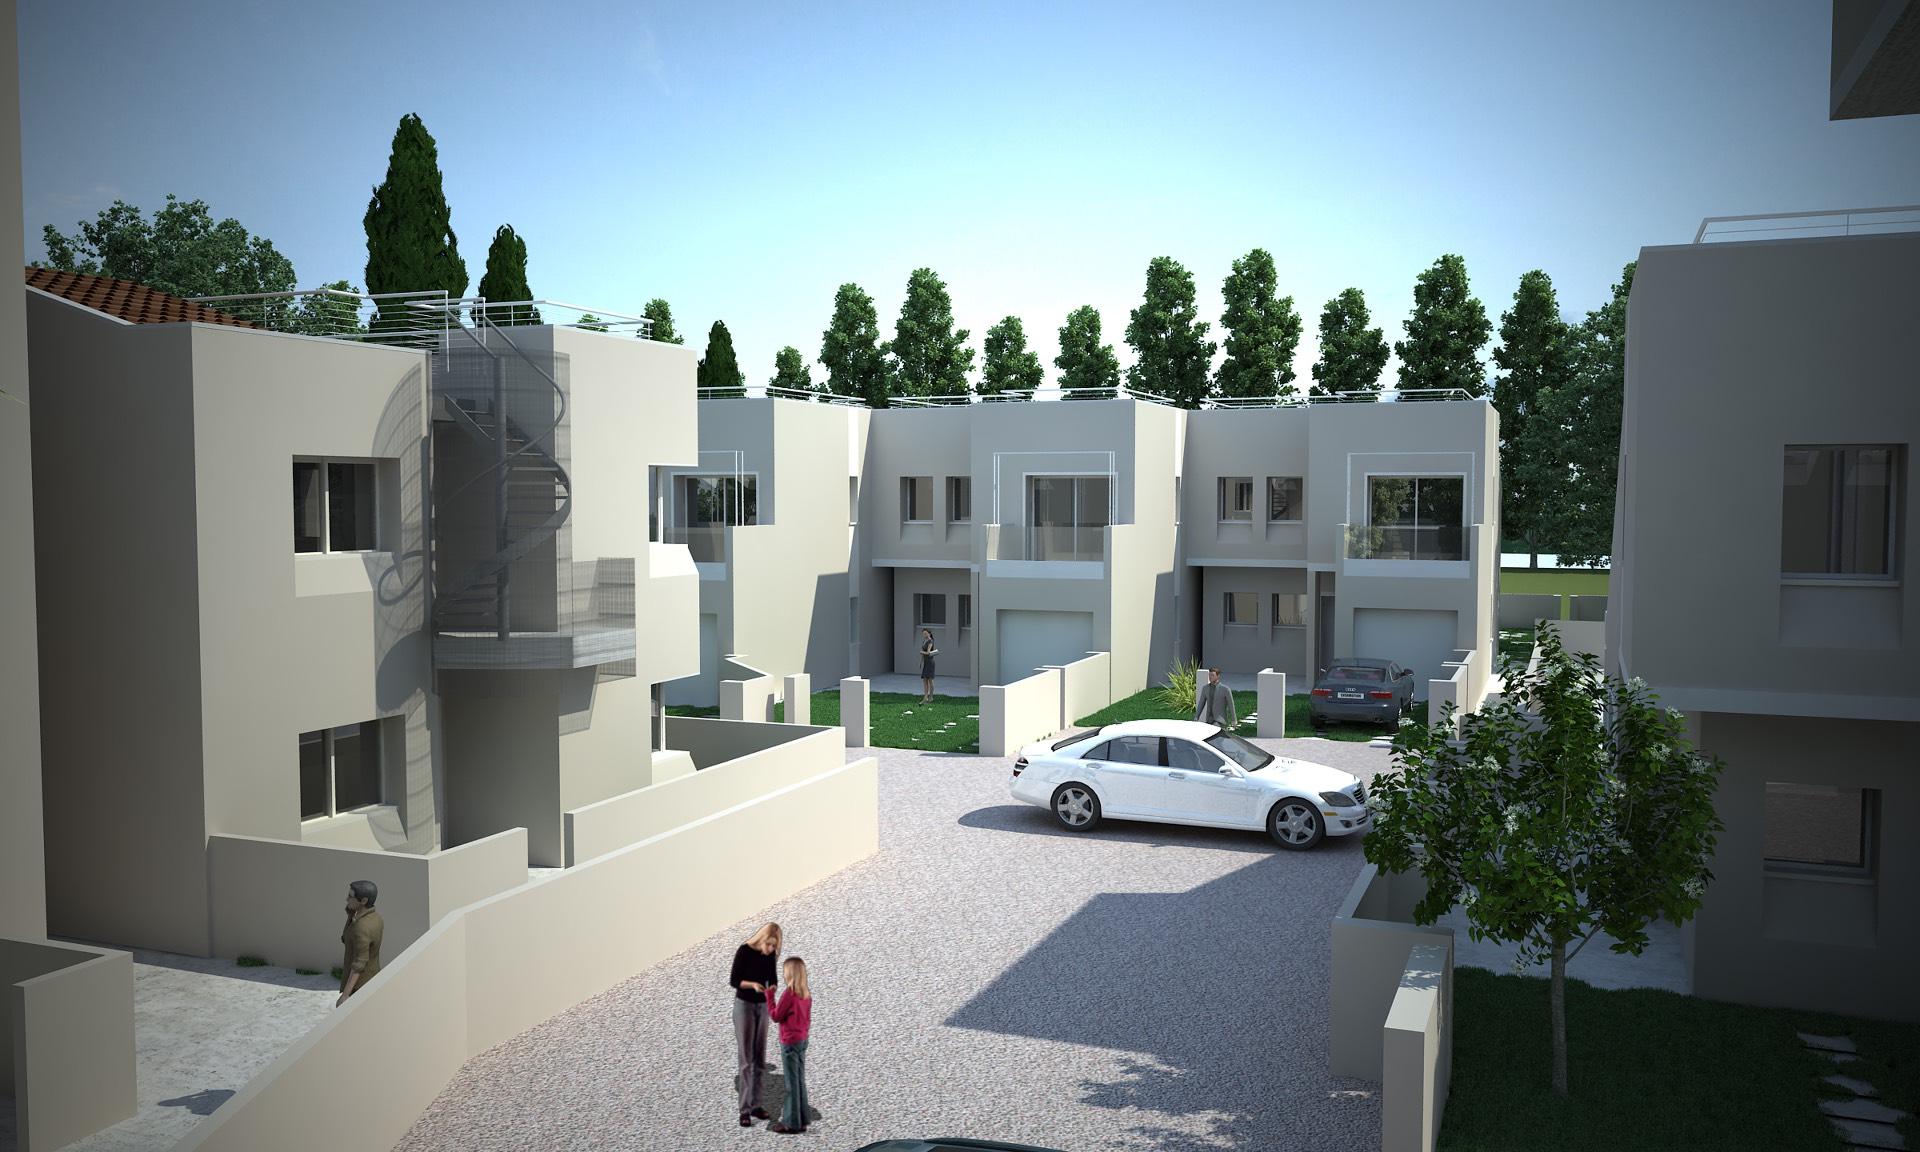 Appartamento in vendita a Cavallino-Treporti, 5 locali, zona Località: Treporti, prezzo € 185.000 | CambioCasa.it